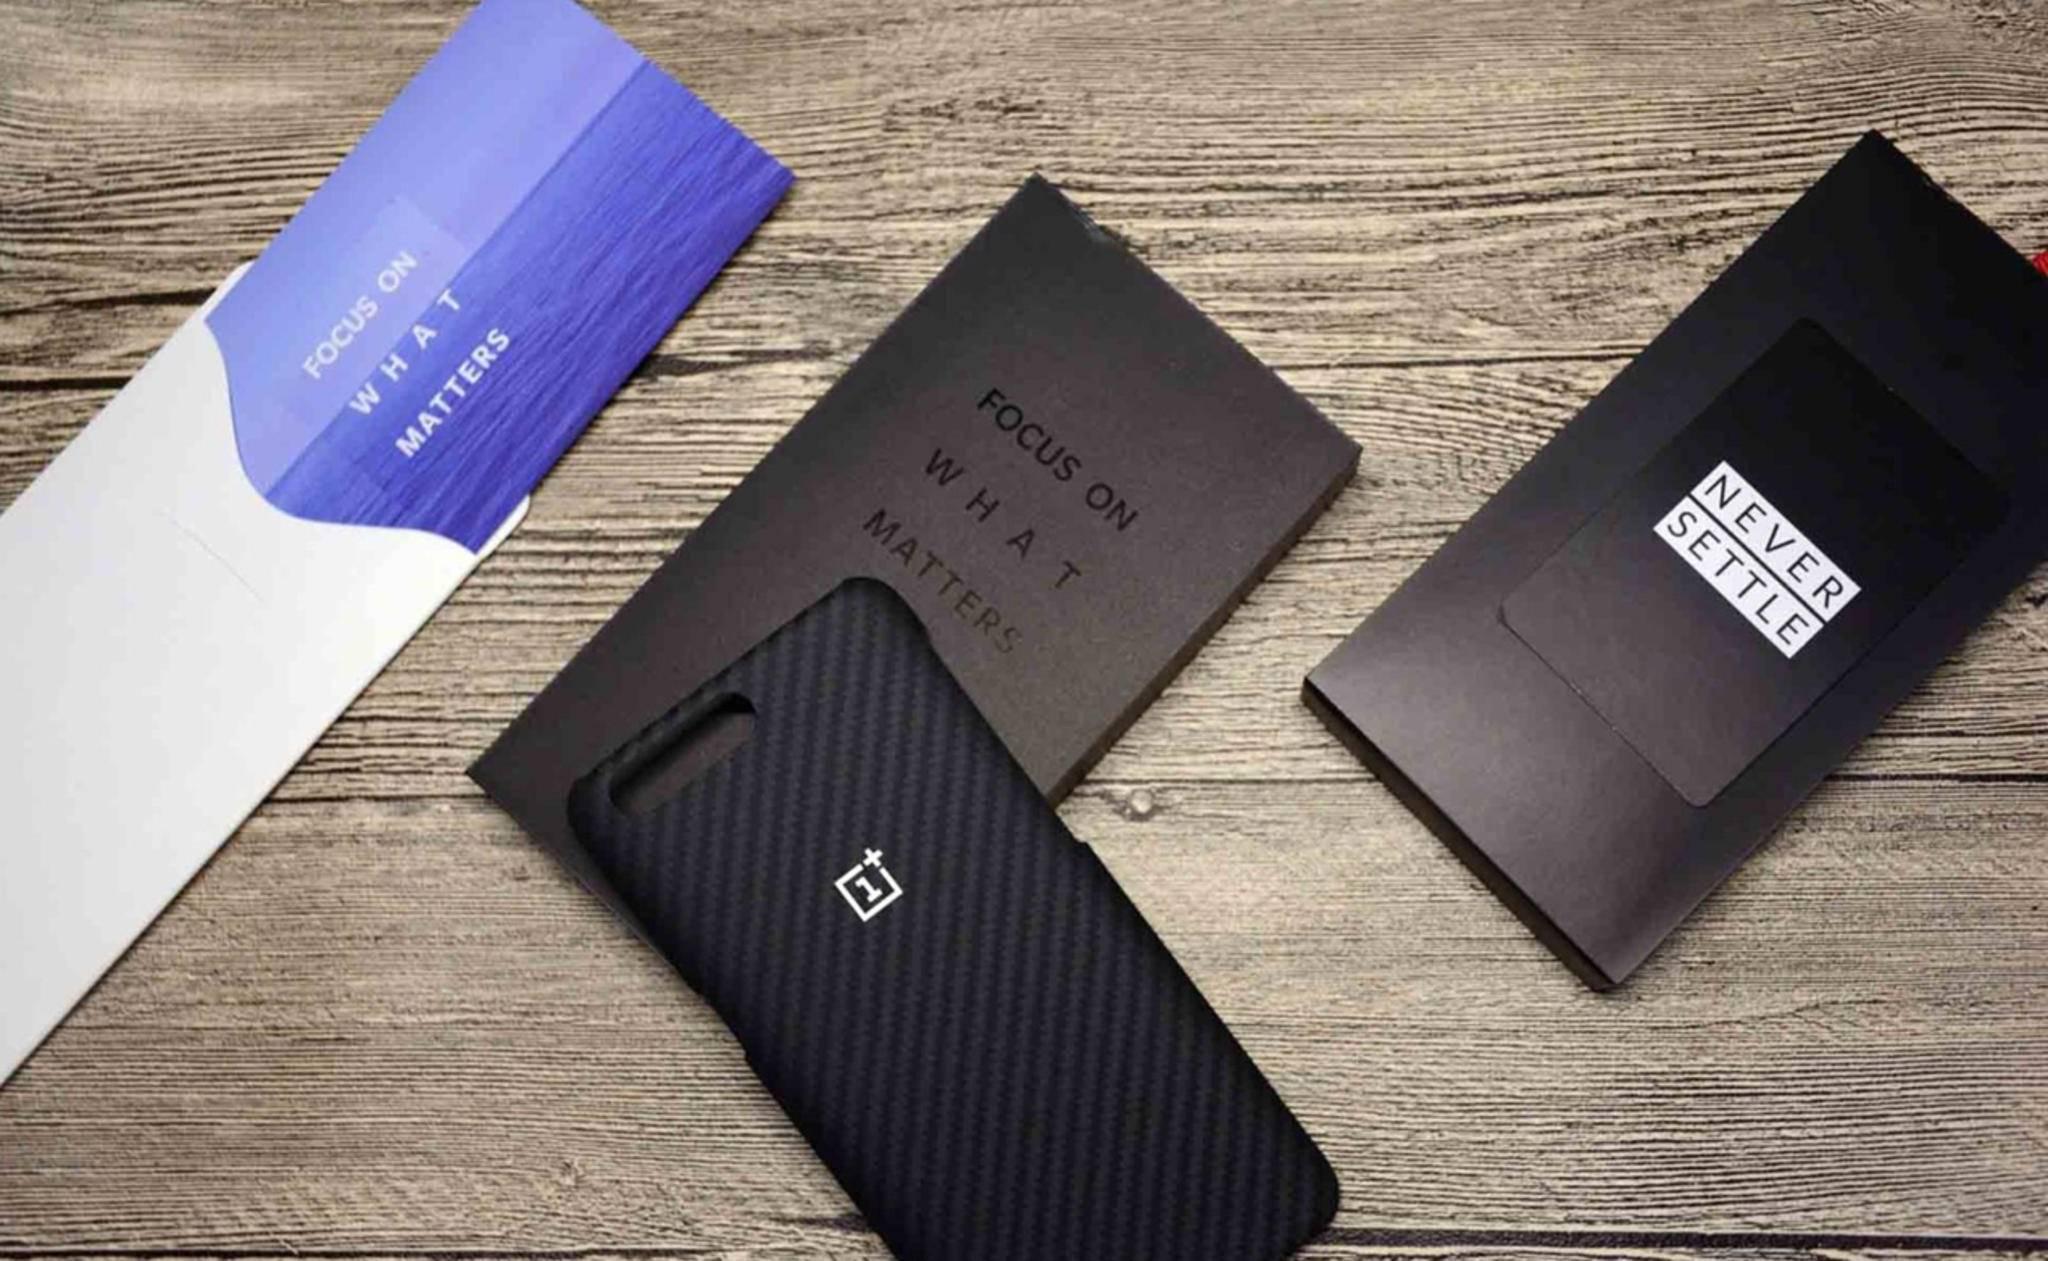 Das OnePlus 5T könnte das bislang teuerste Gerät des Herstellers werden.